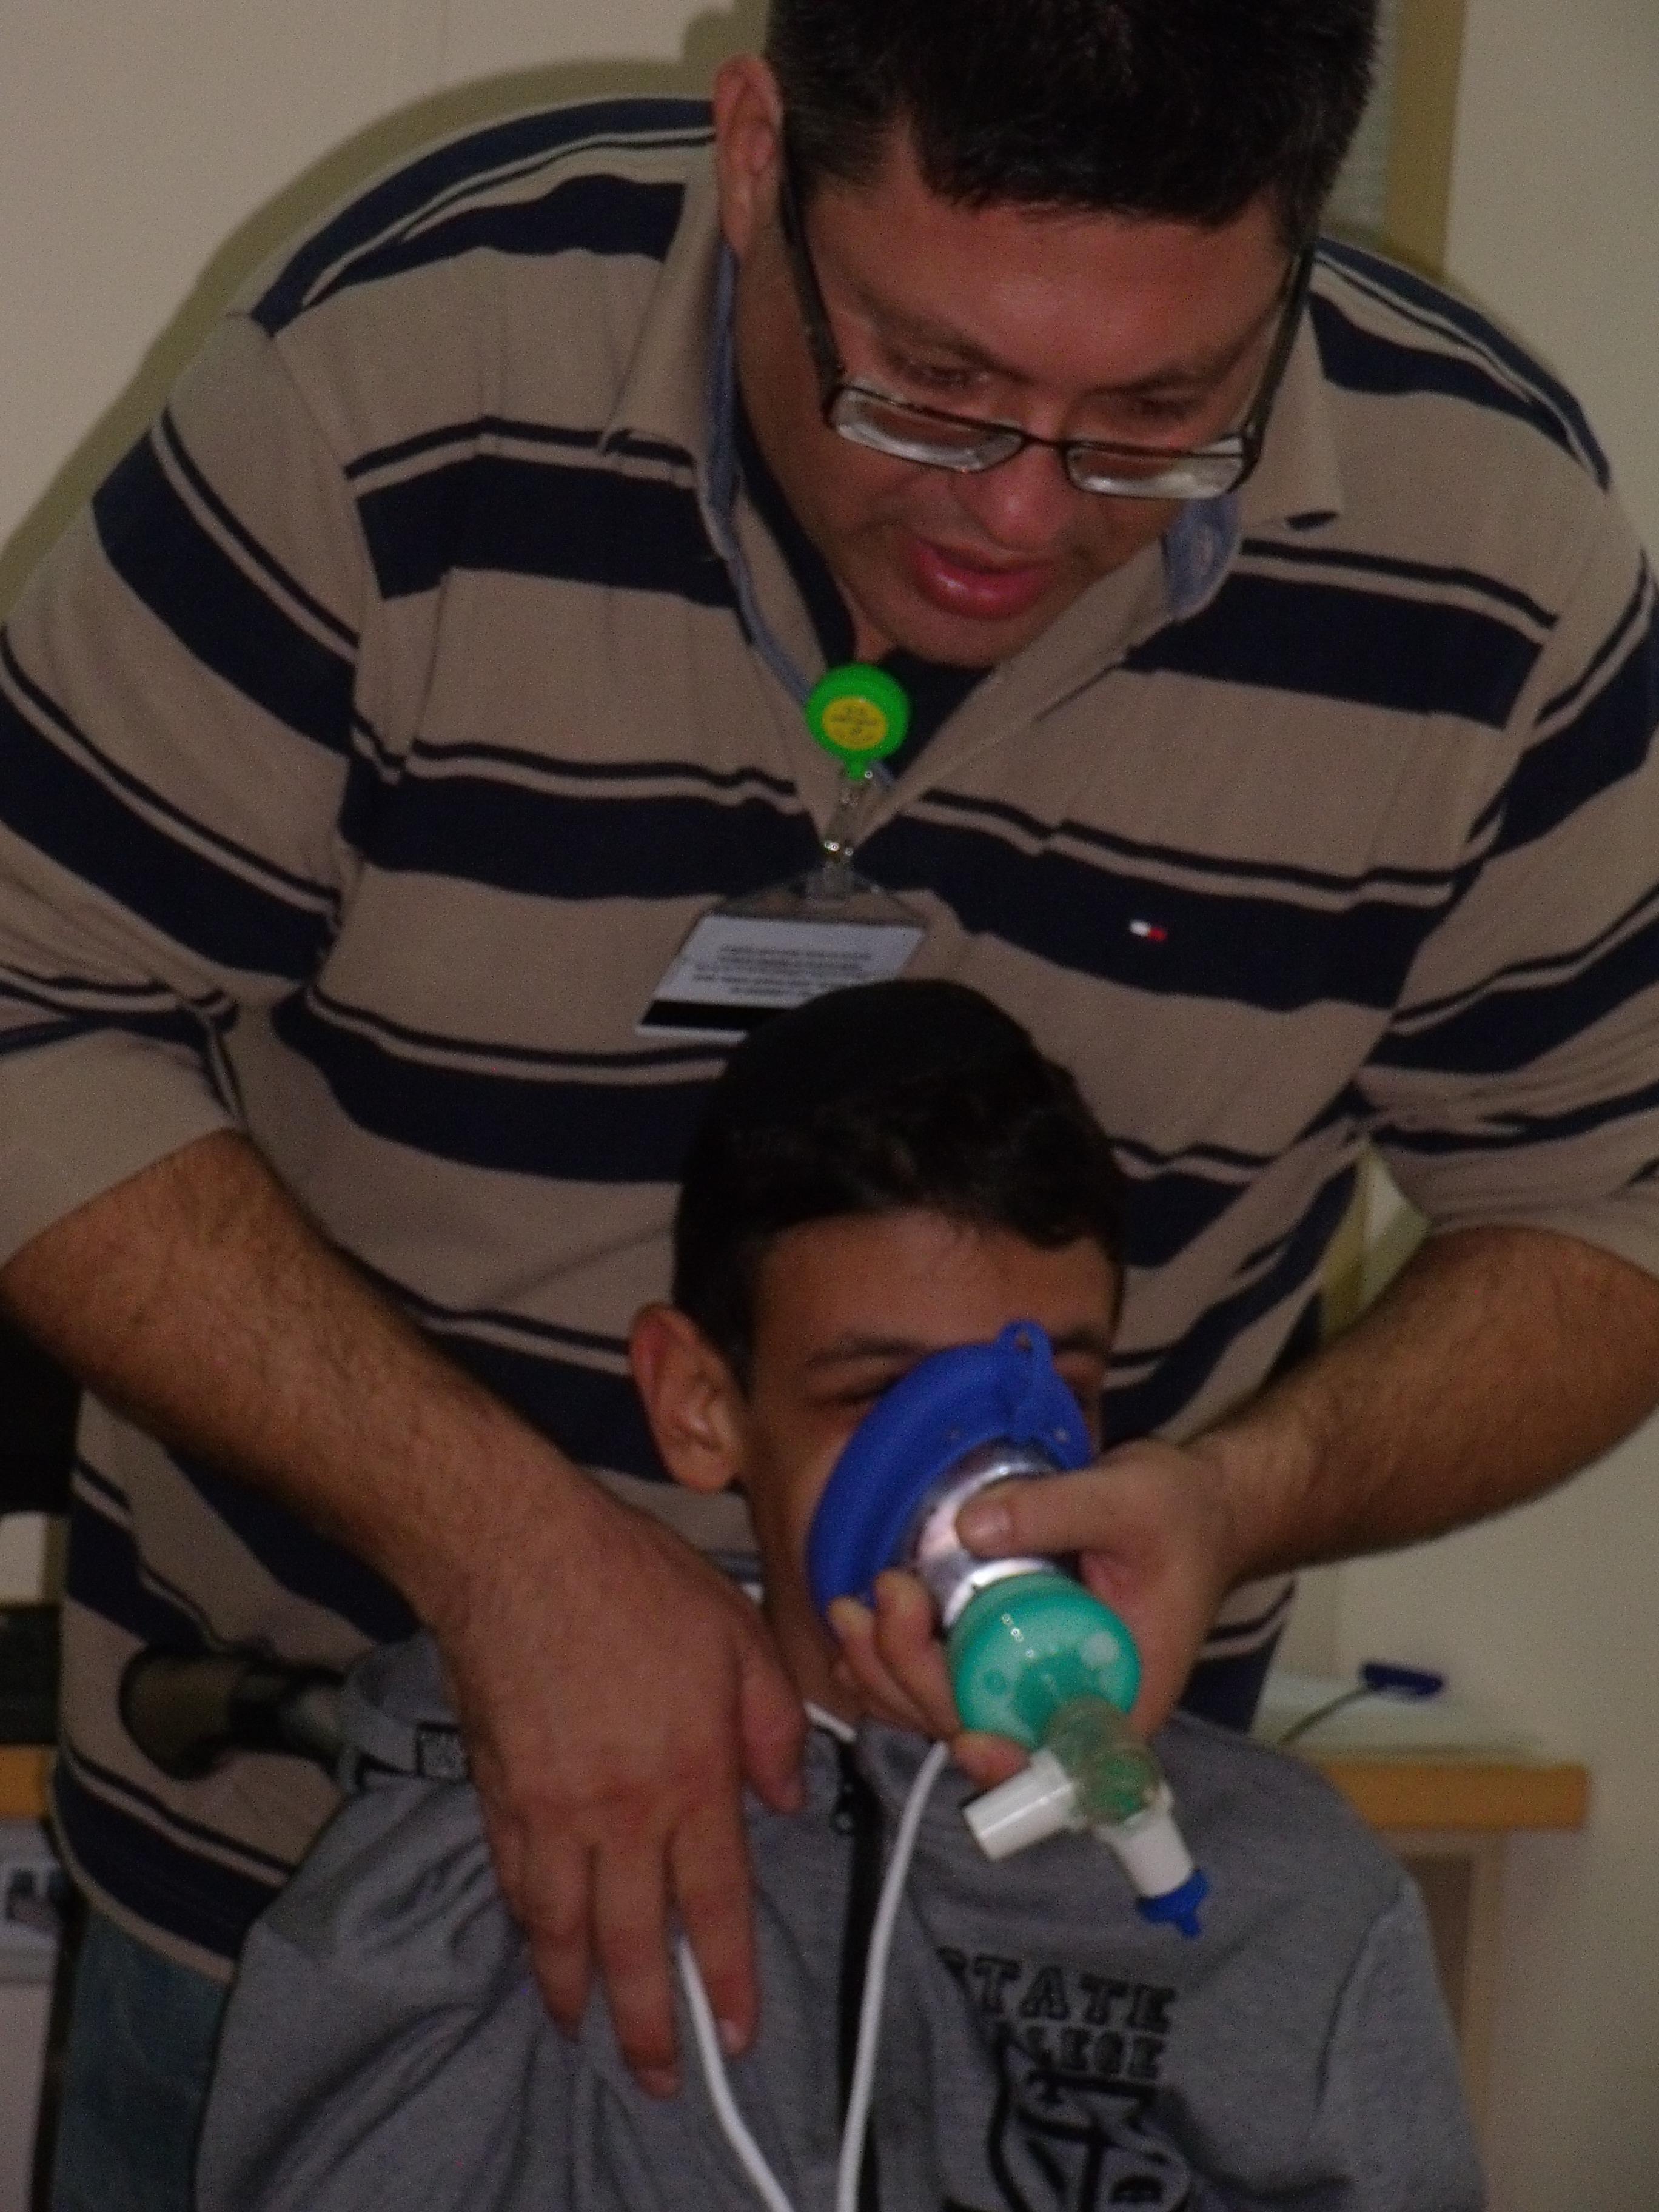 יום הדרכה של פיזיותרפיה נשימתית-30/11/2014